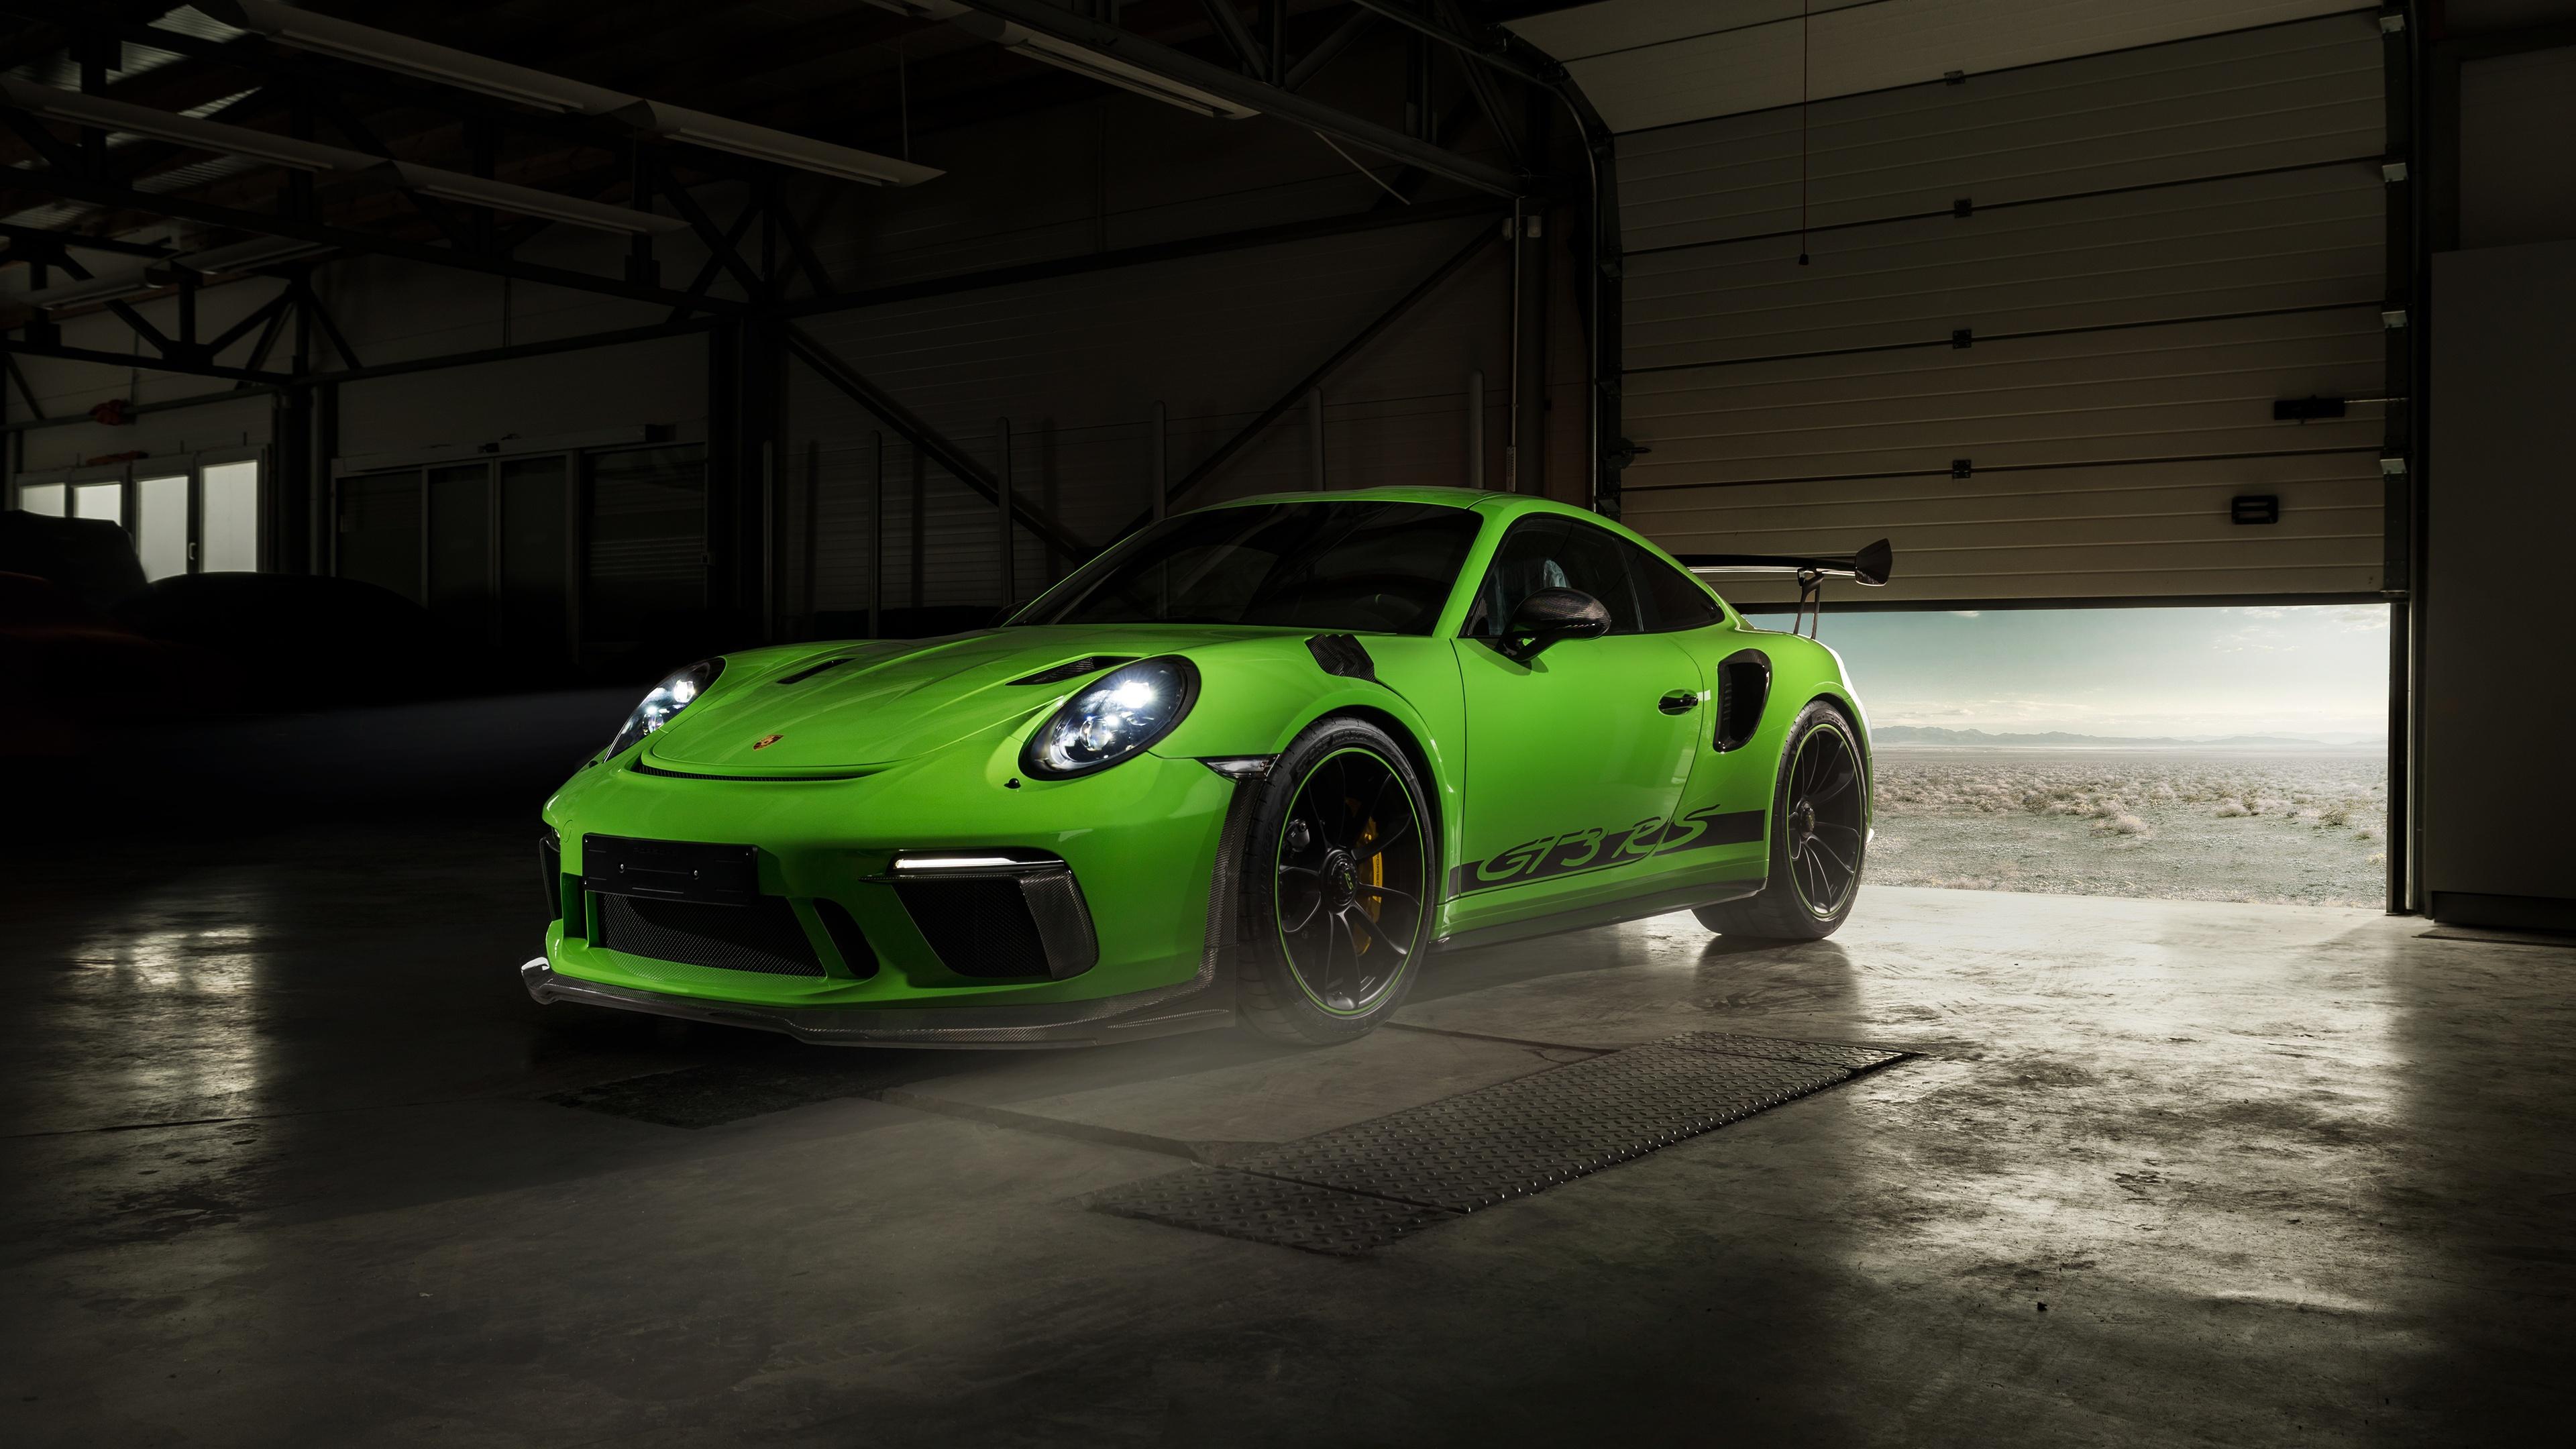 Porsche 911 Gt3 Rs 4k Wallpaper Techart Custom Tuning Cars 875